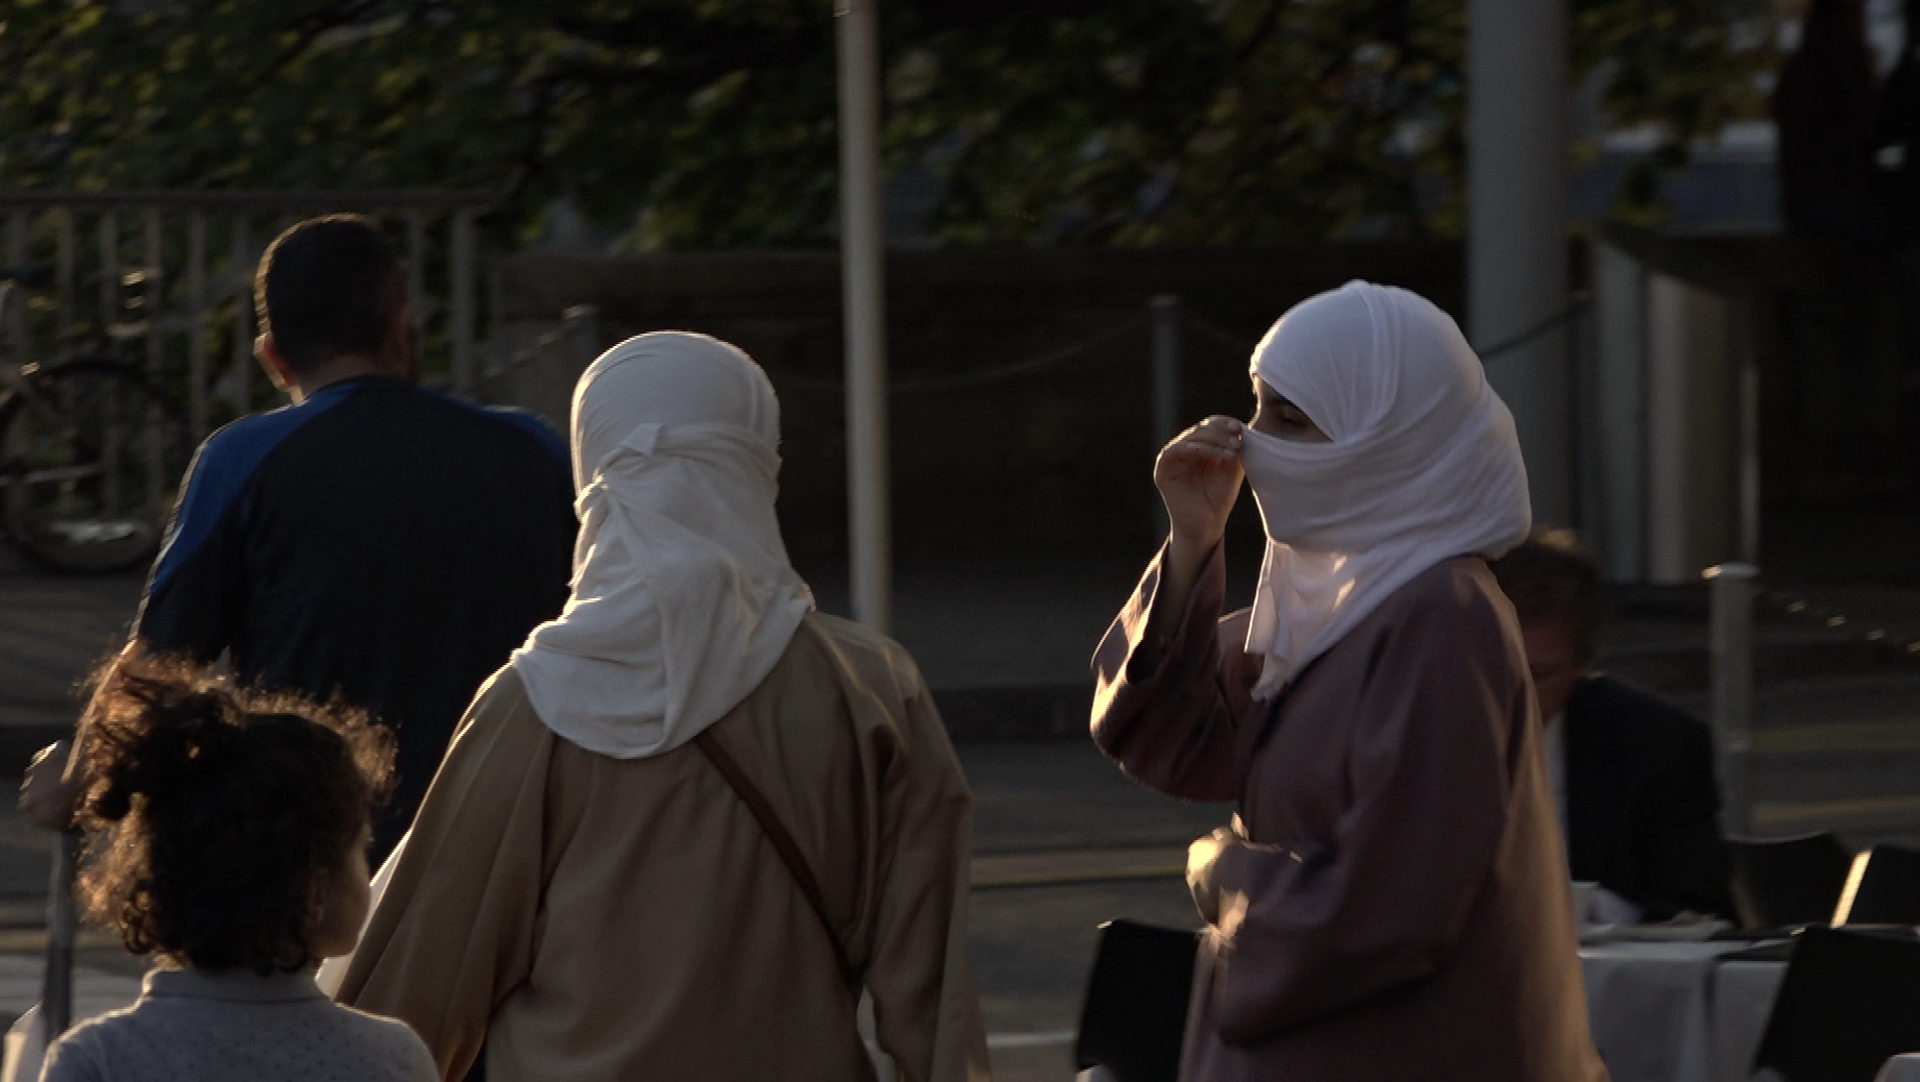 staatsrechtler h lt burka verbot in deutschland f r rechtens. Black Bedroom Furniture Sets. Home Design Ideas